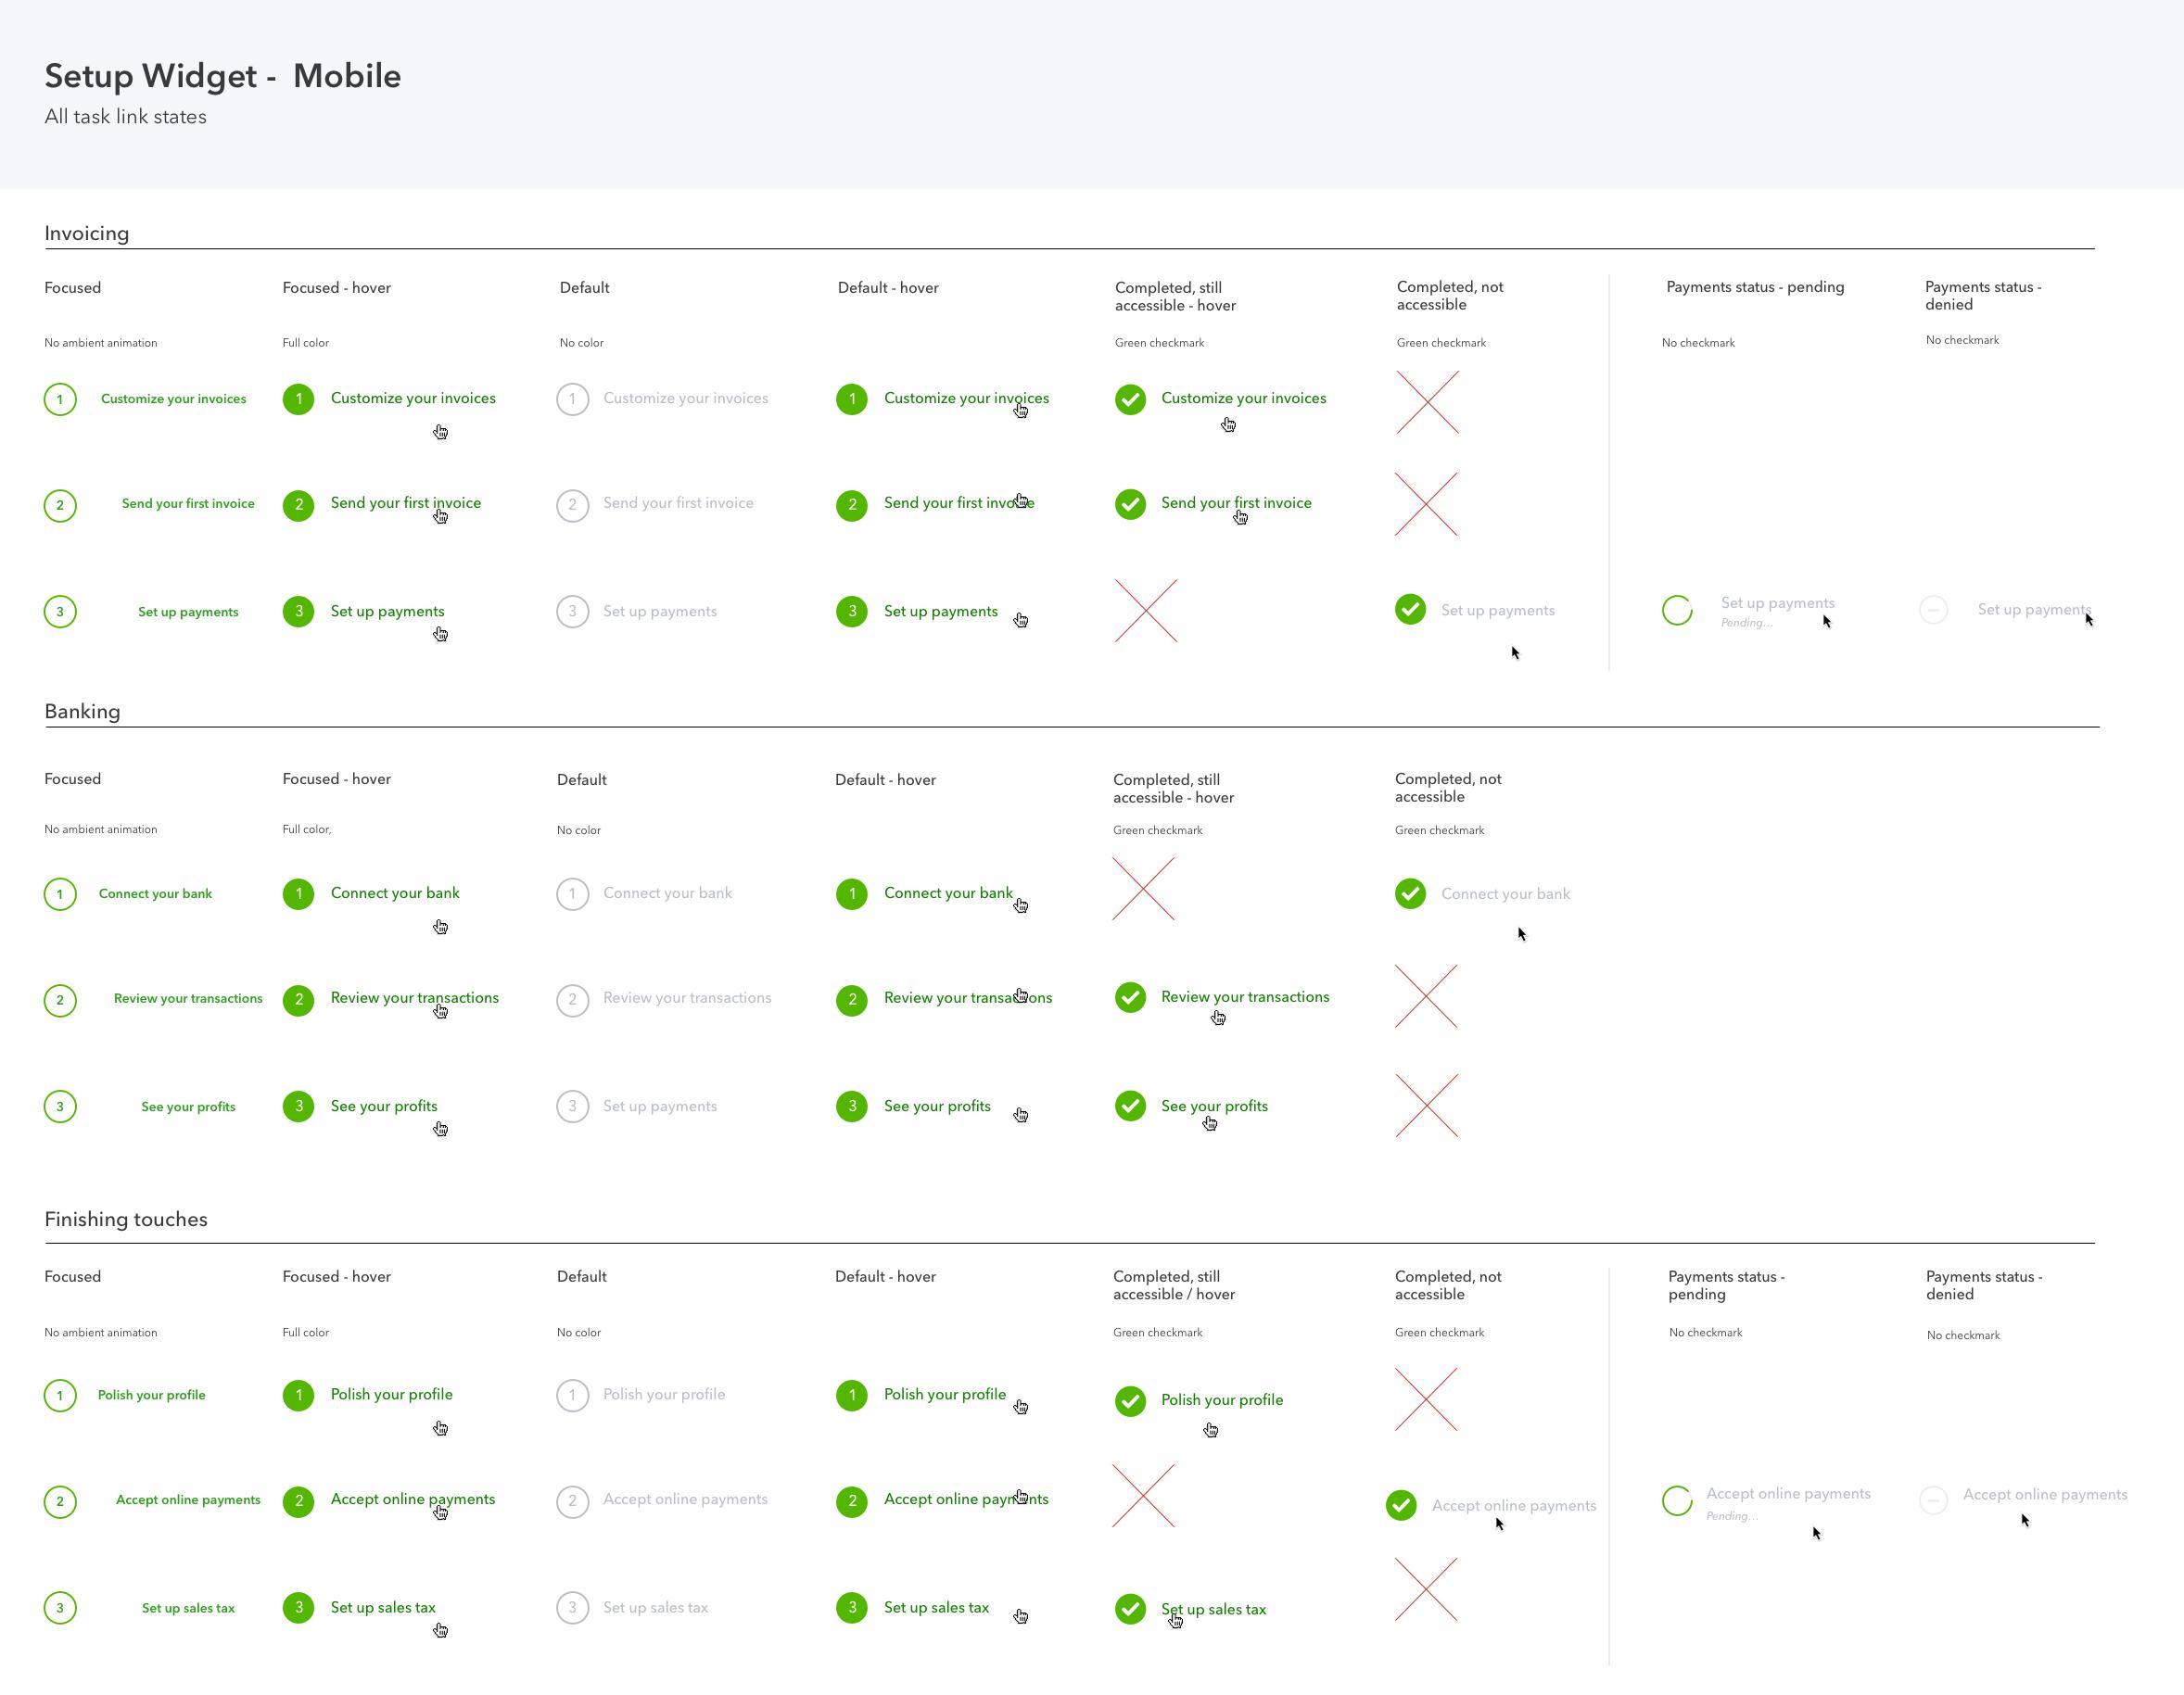 Setup widget tasks - Xsmall mobile.png